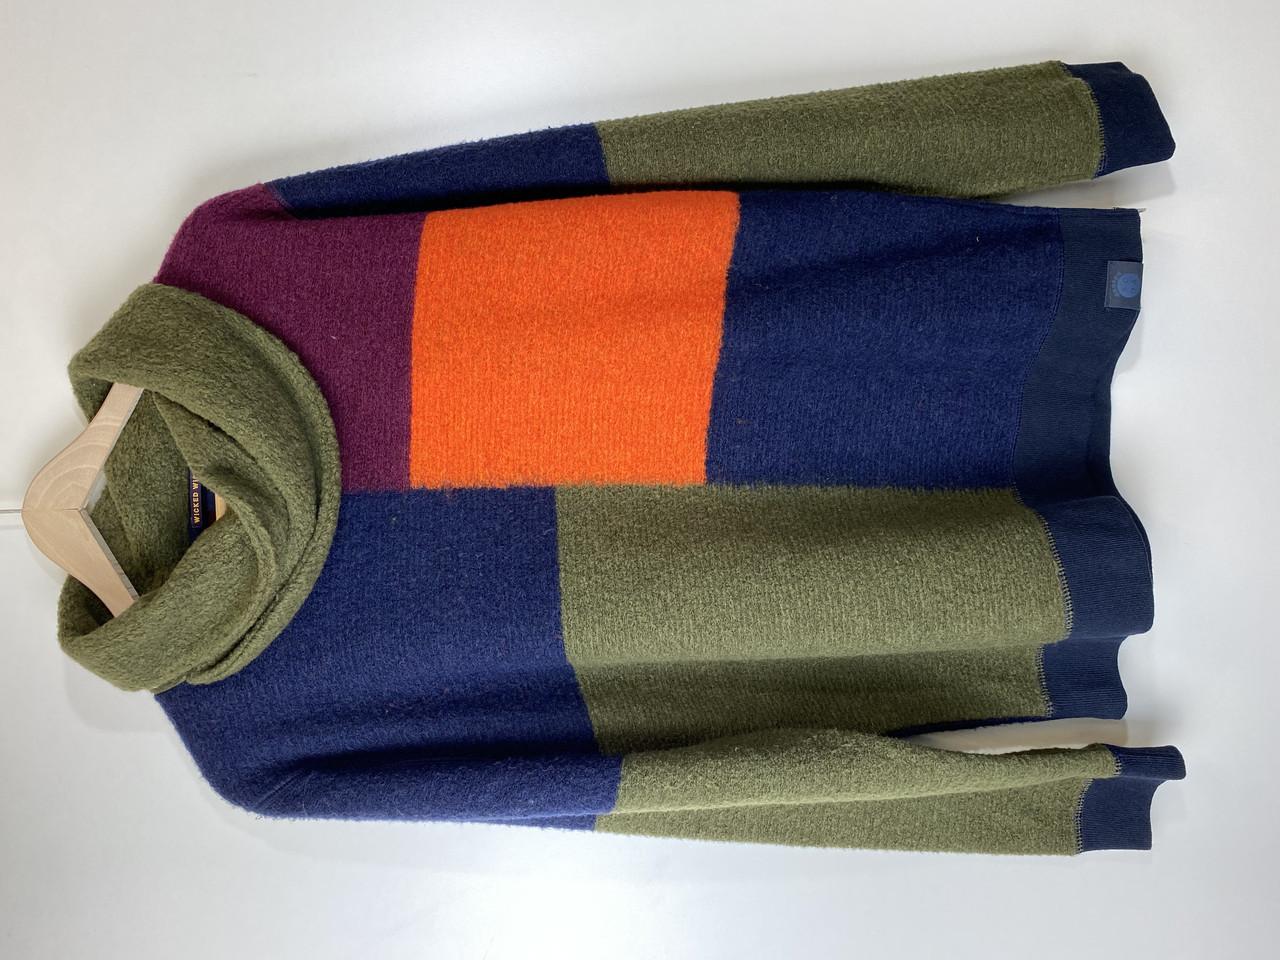 Реглан мужской Scotch & Soda цвет зеленый-синий-красный размер L арт 10153116-FWMM-D40